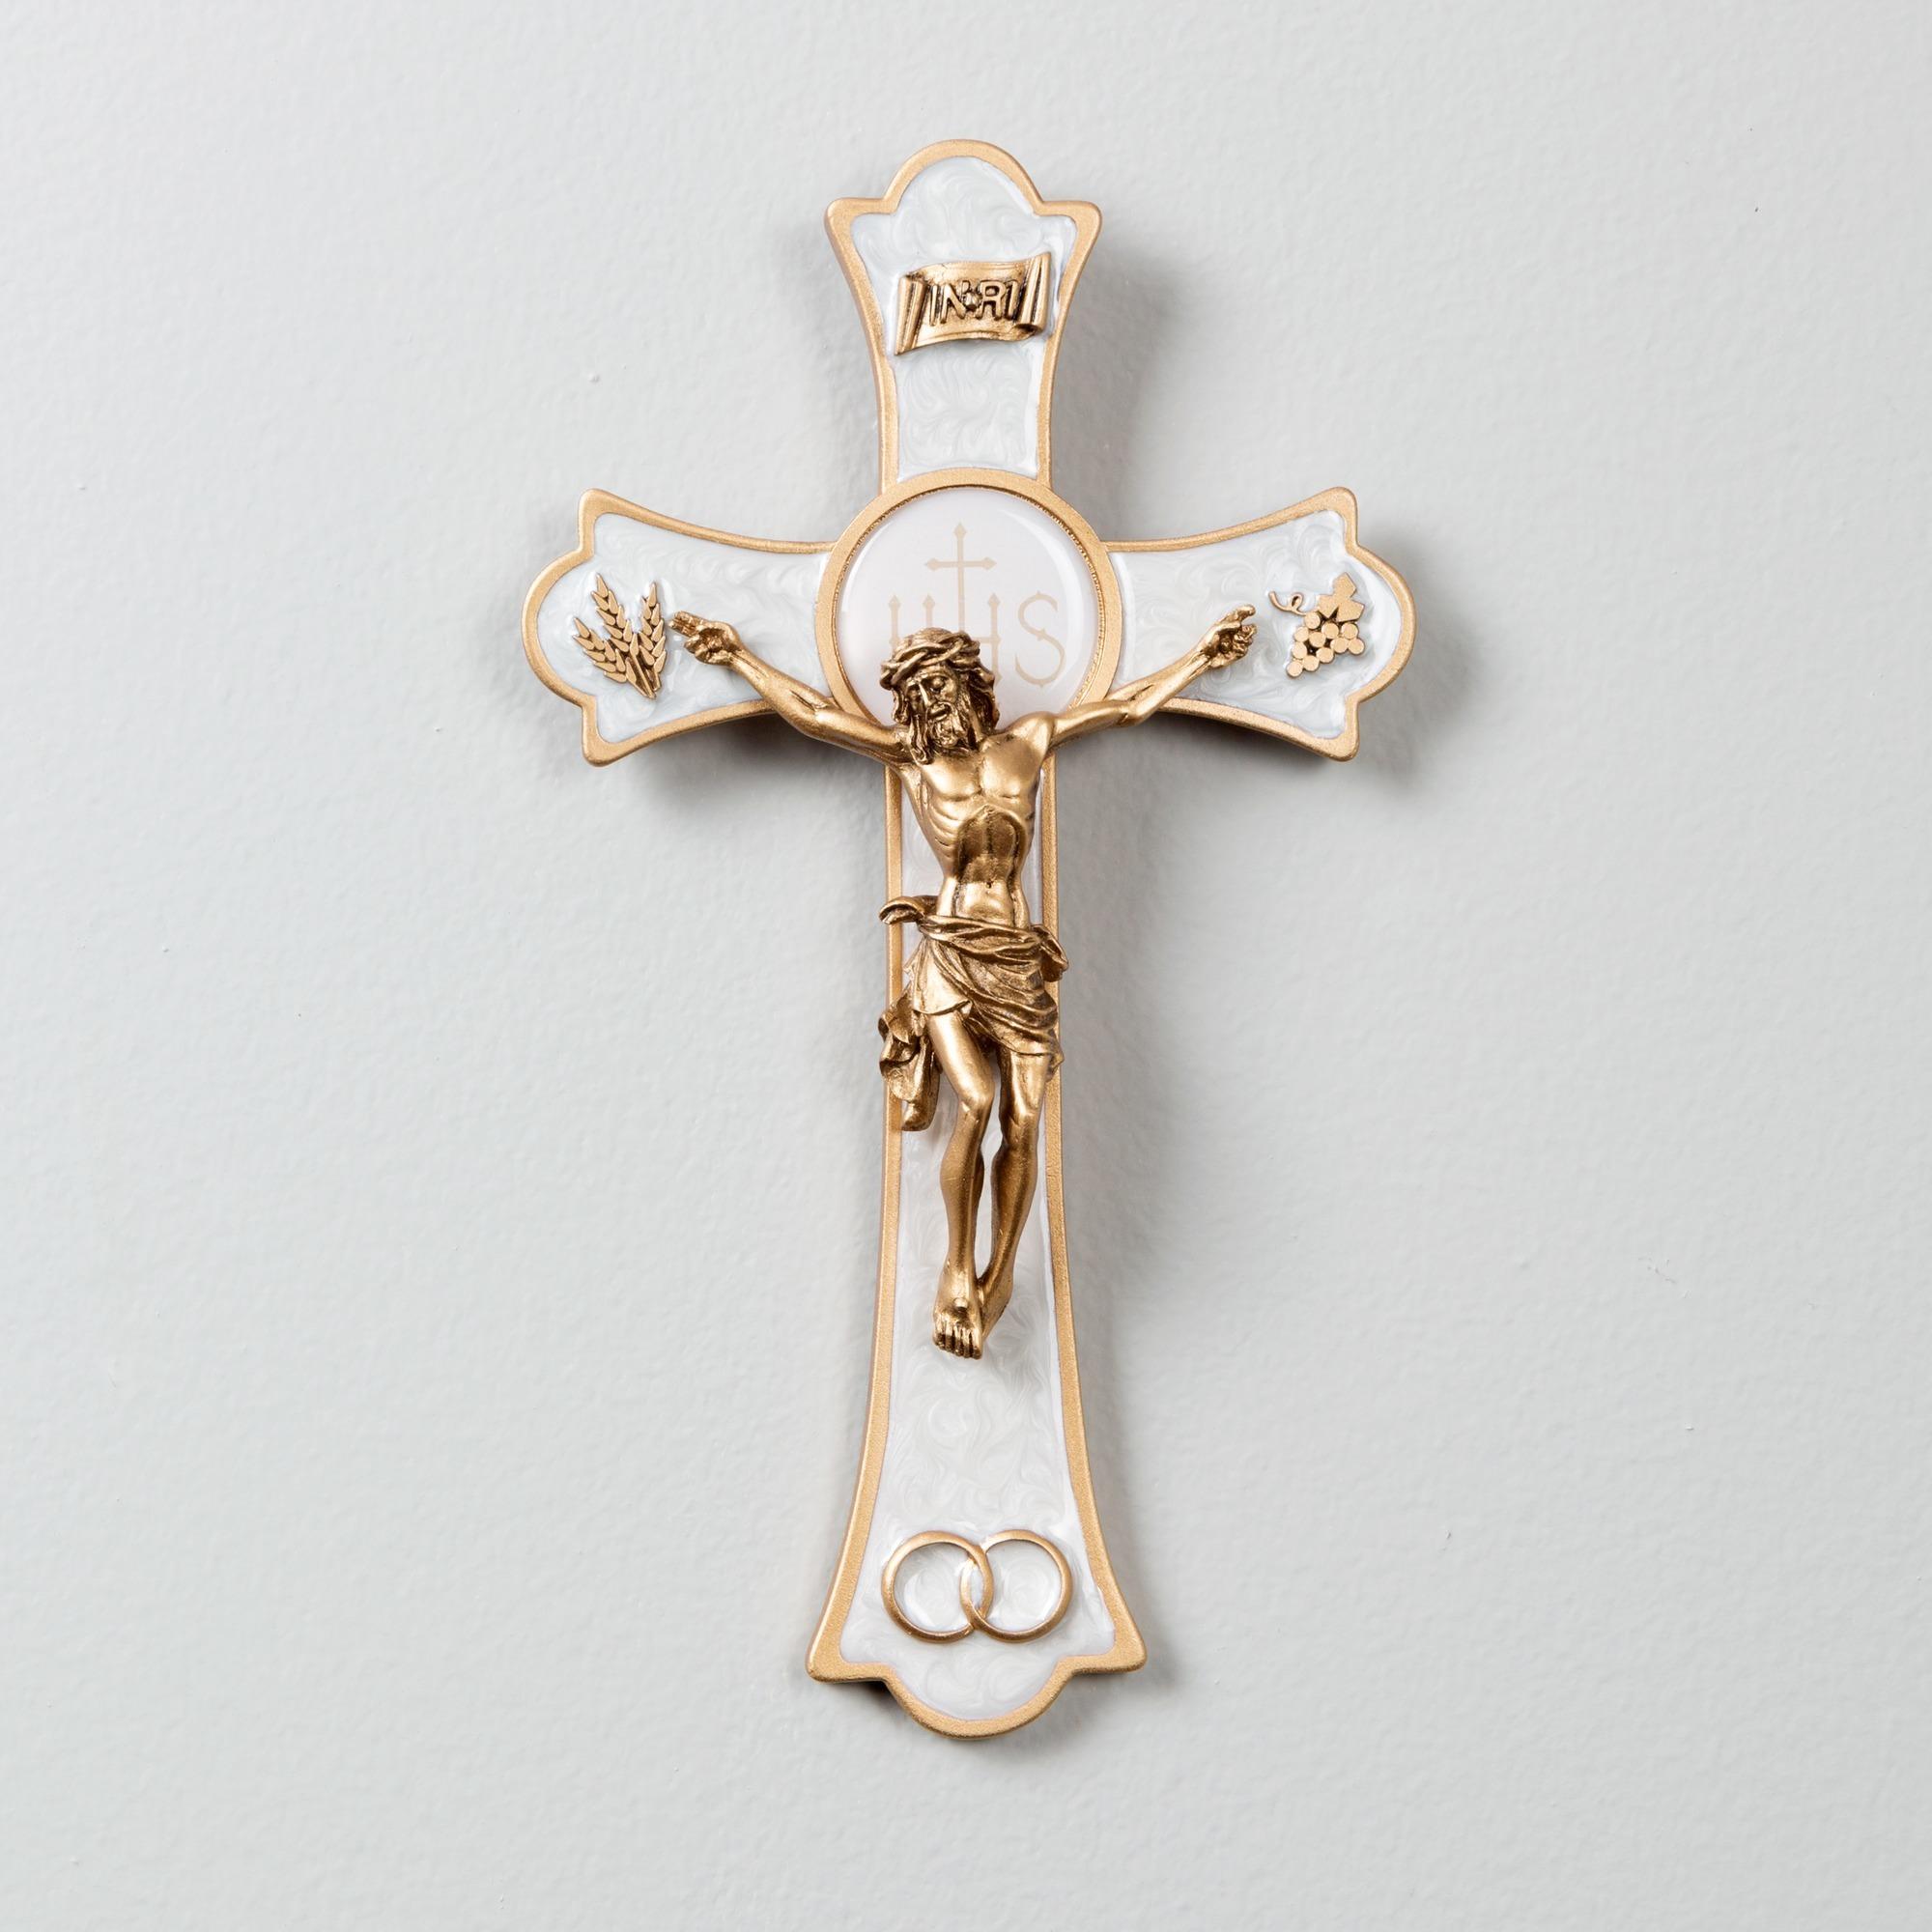 Sacrament of matrimony holy mass crucifix the catholic company sacrament of matrimony holy mass crucifix biocorpaavc Choice Image